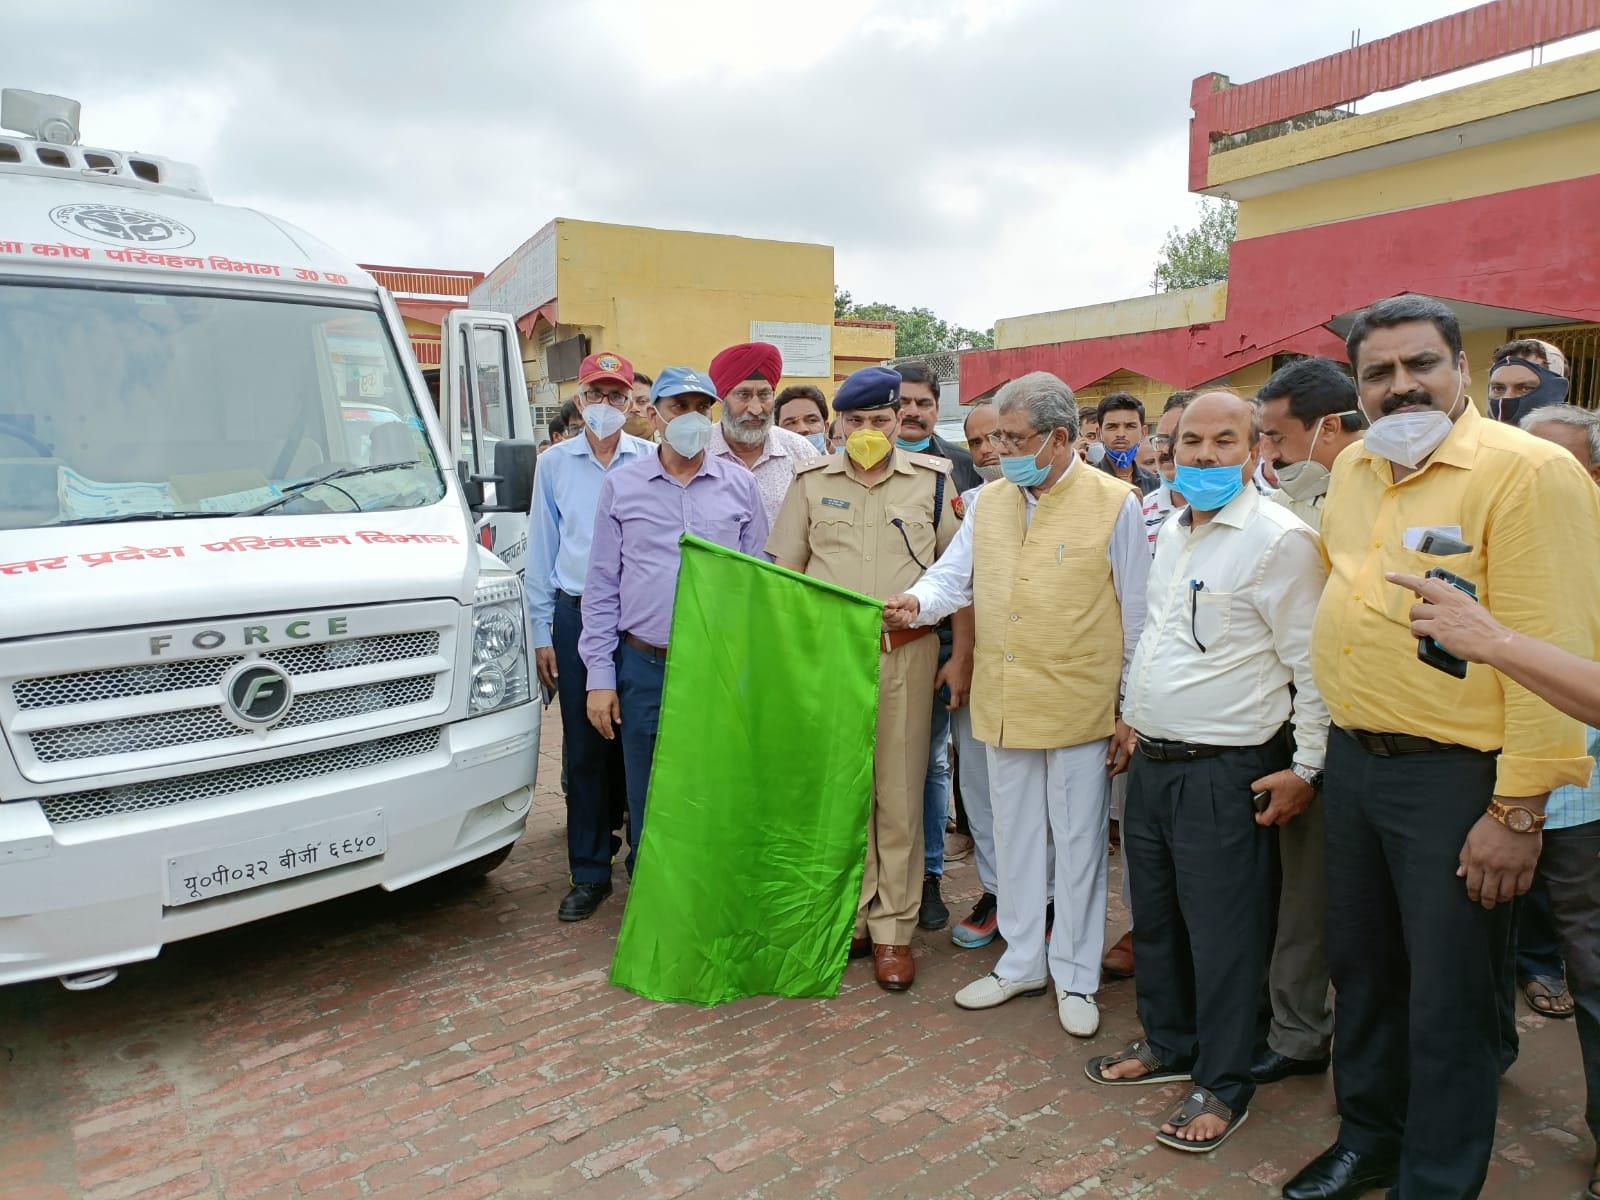 आज से शुरू हुआ सड़क सुरक्षा सप्ताह, पहले दिन केवल शपथ दिलाकर पूरा हुआ कार्यक्रम बरेली,Bareilly - Dainik Bhaskar